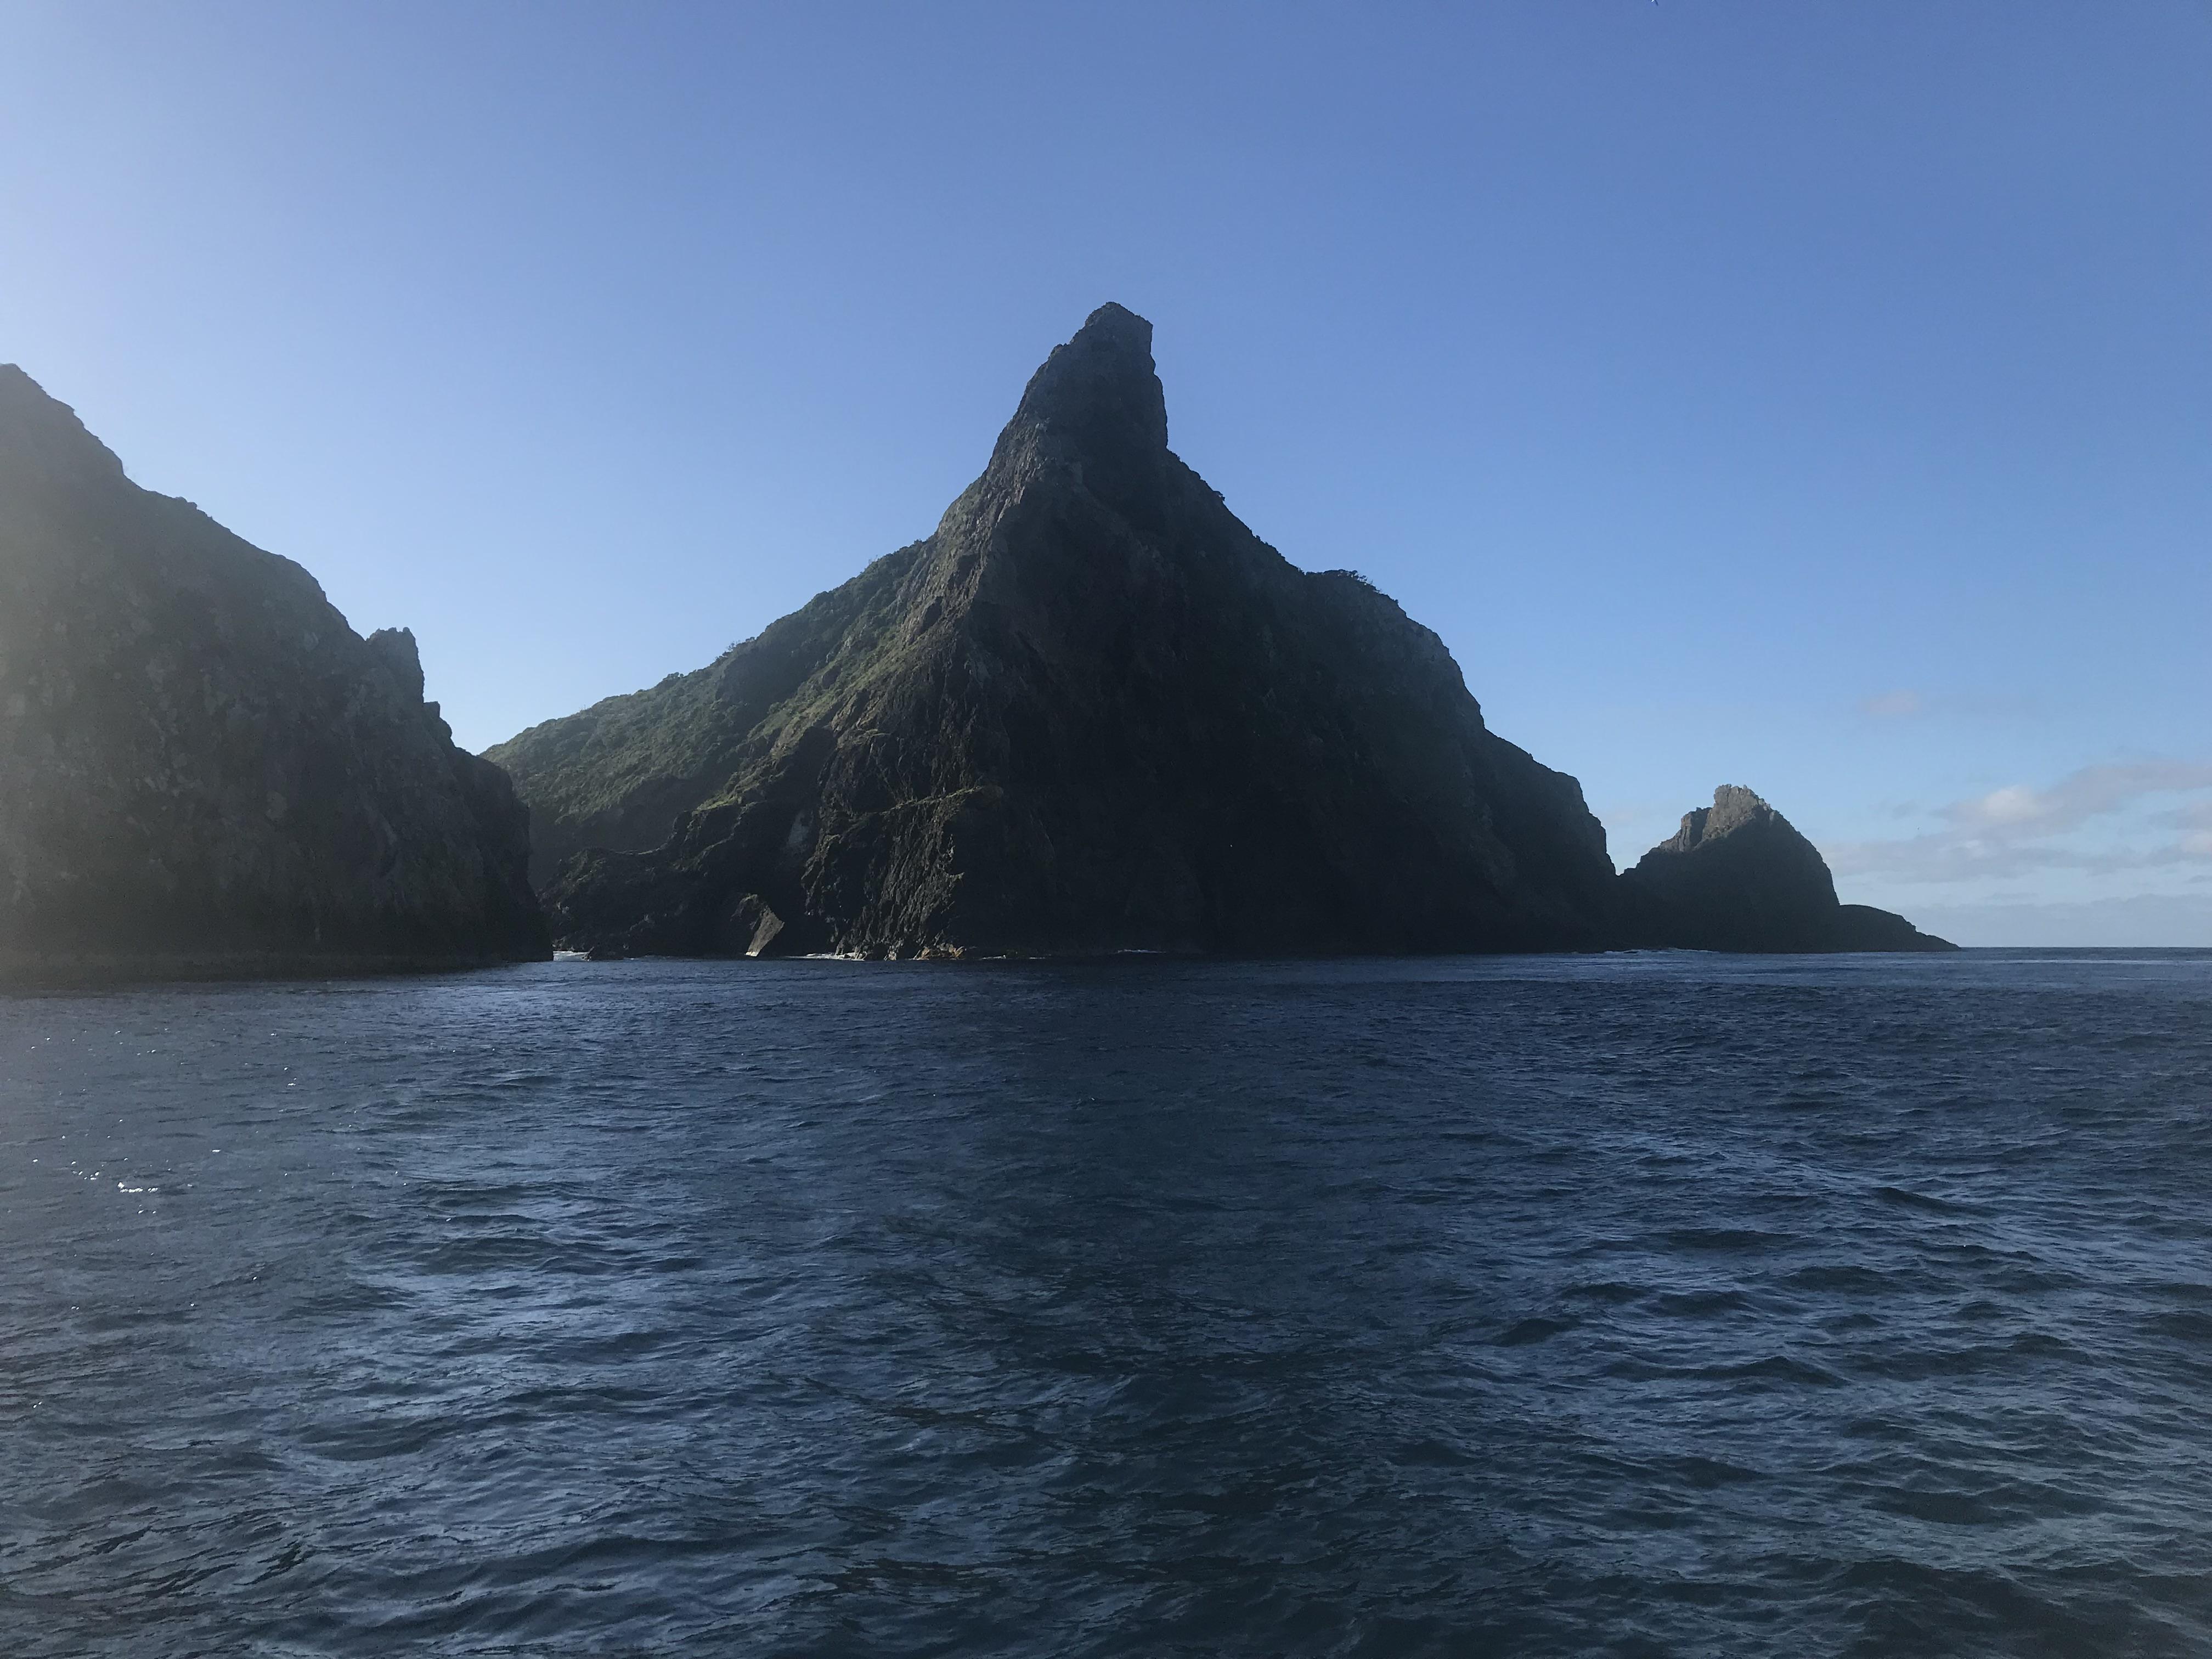 ニュージーランド スリーキングス遠征 PartⅡ